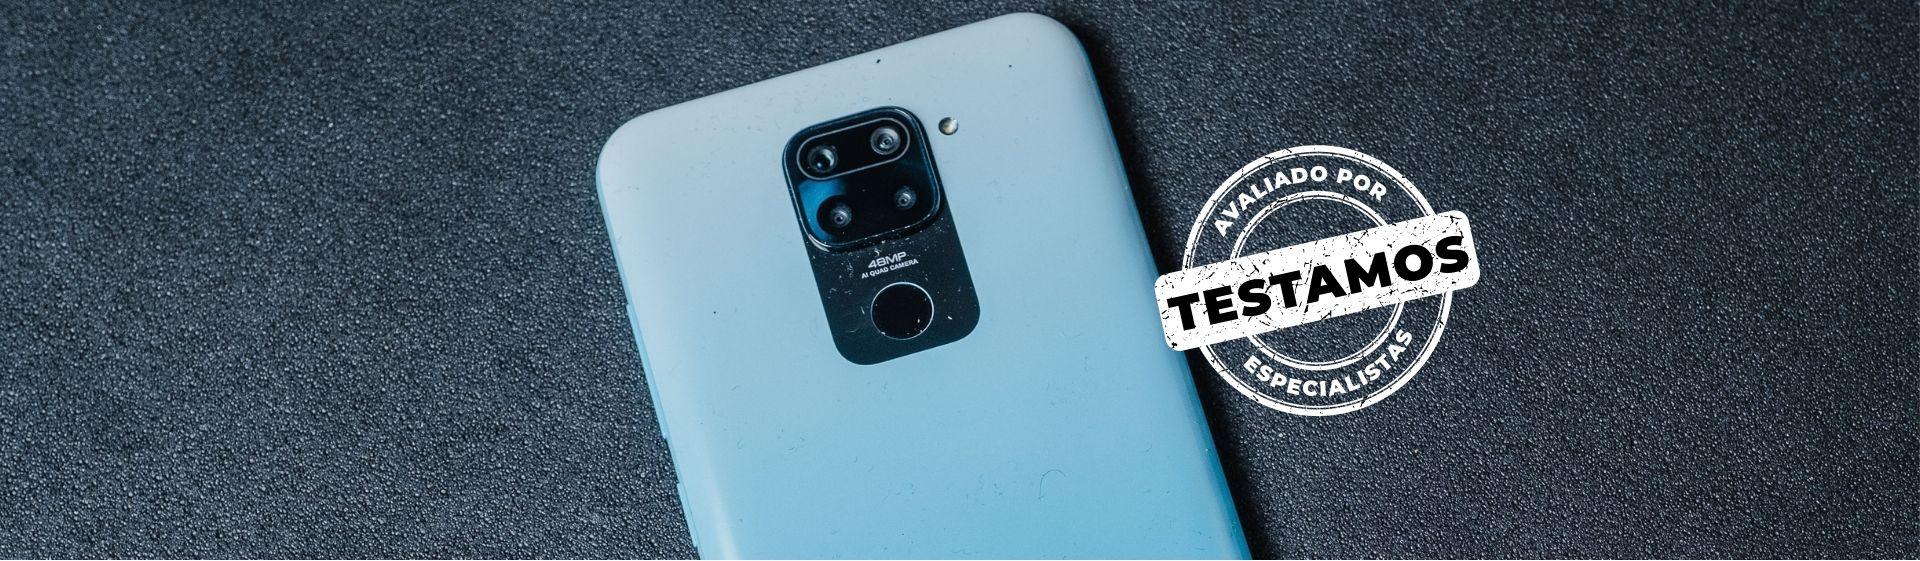 Celular Redmi Note 9 azul em fundo cinza com destaque para sua parte traseira